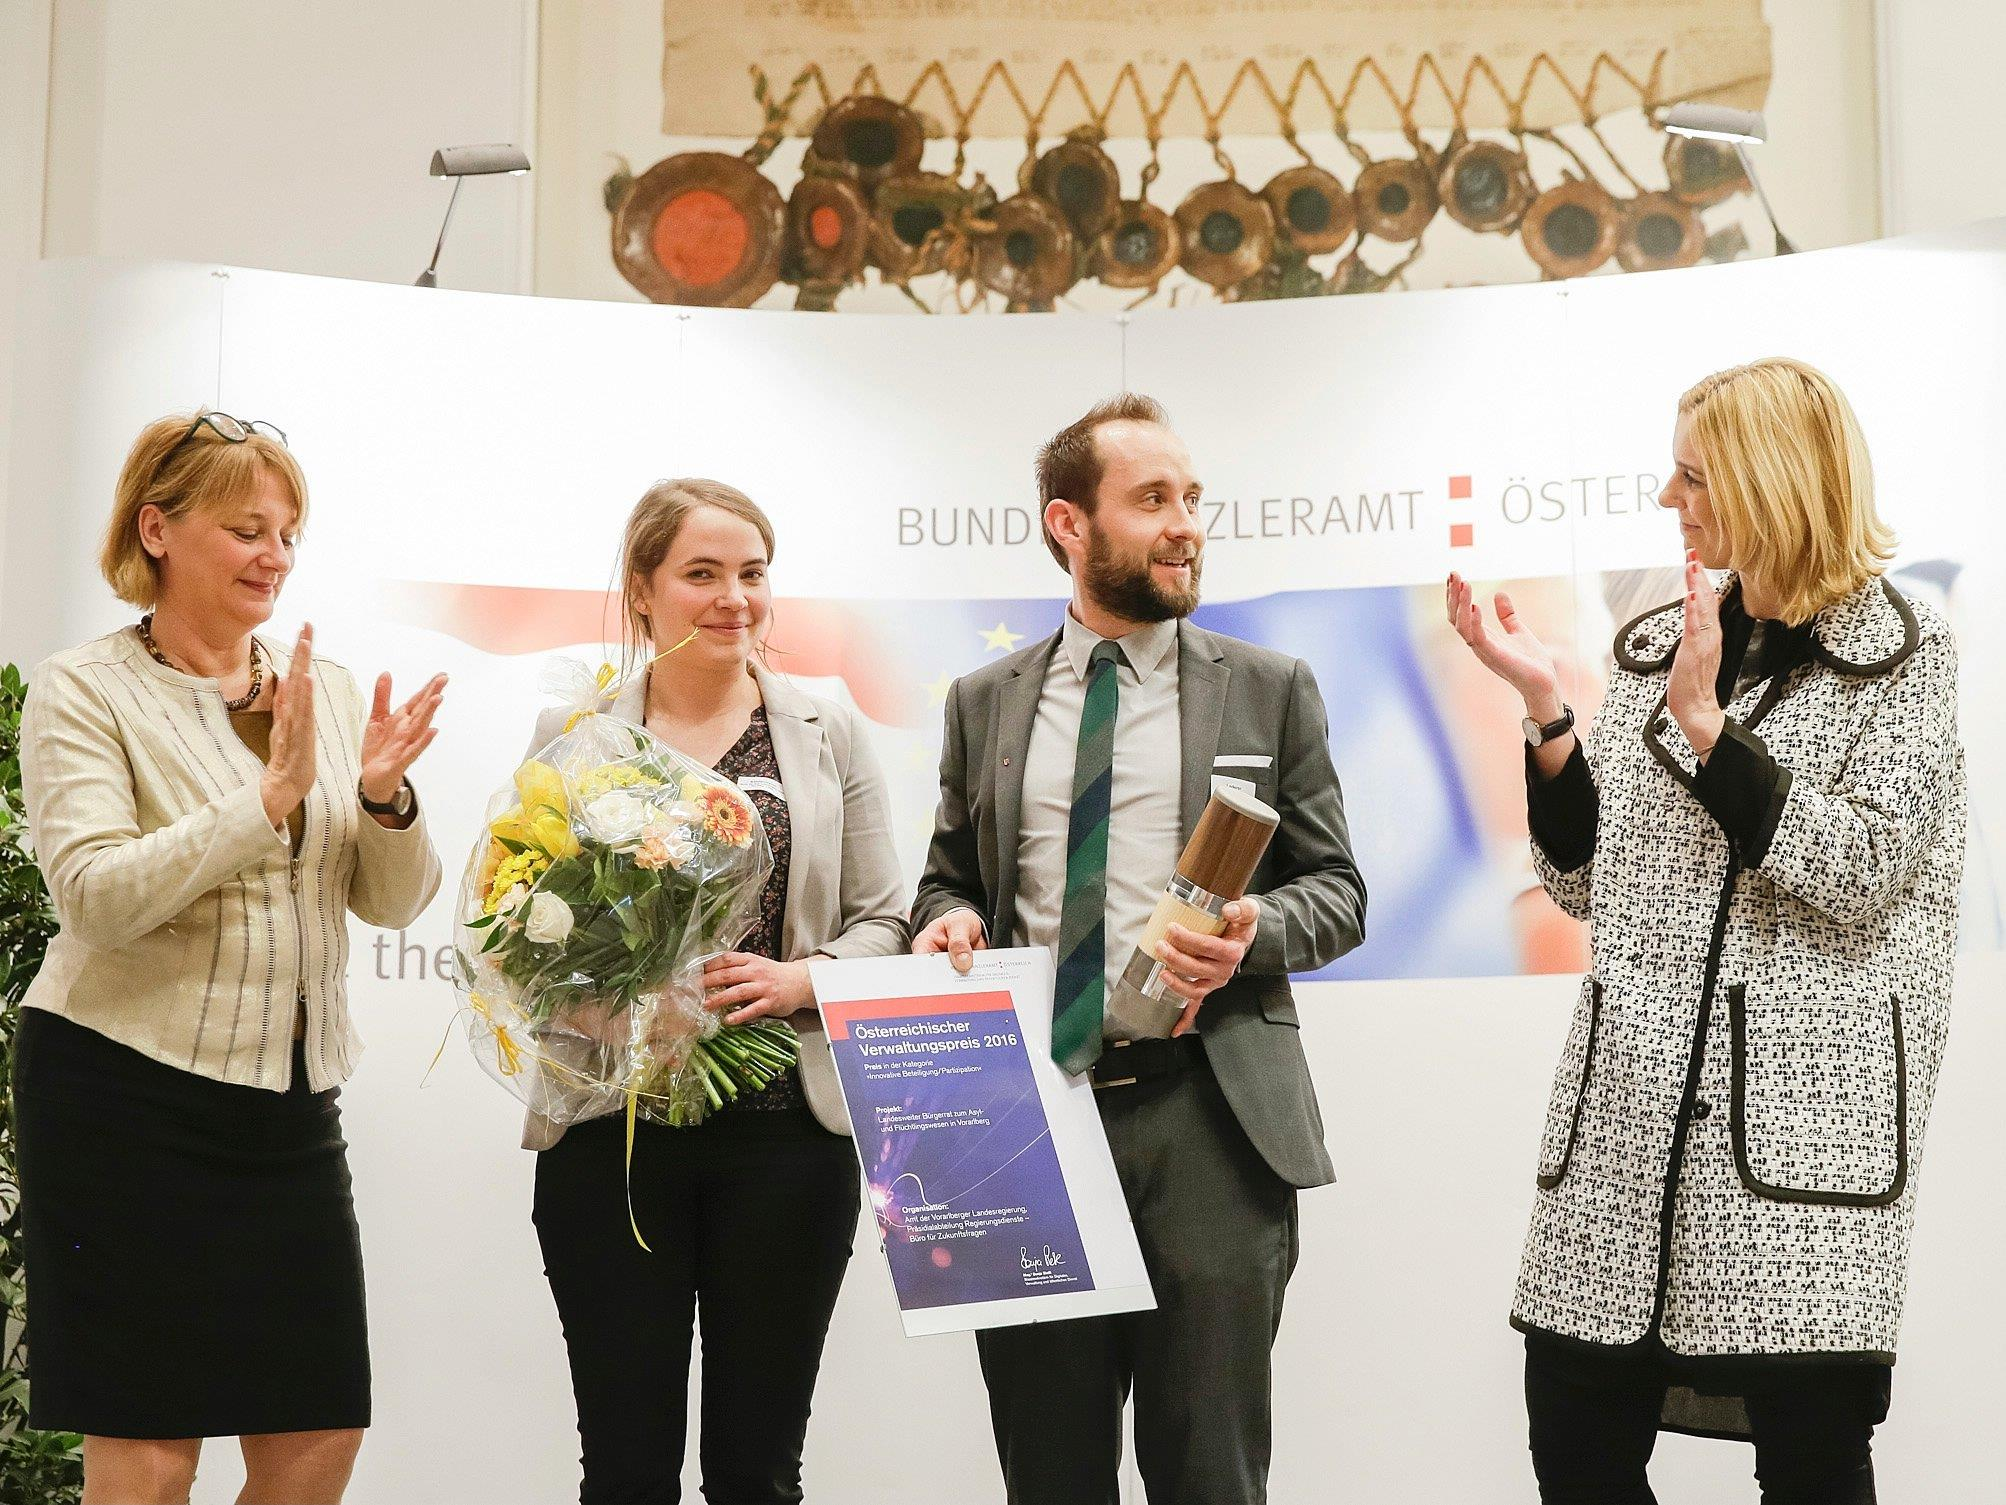 """Julia Stadelmann und Michael Lederer vom Büro für Zukunftsfragen nahmen den Verwaltungspreis 2016 in der Kategorie """"Innovative Beteiligung/Partizipation"""" entgegen."""